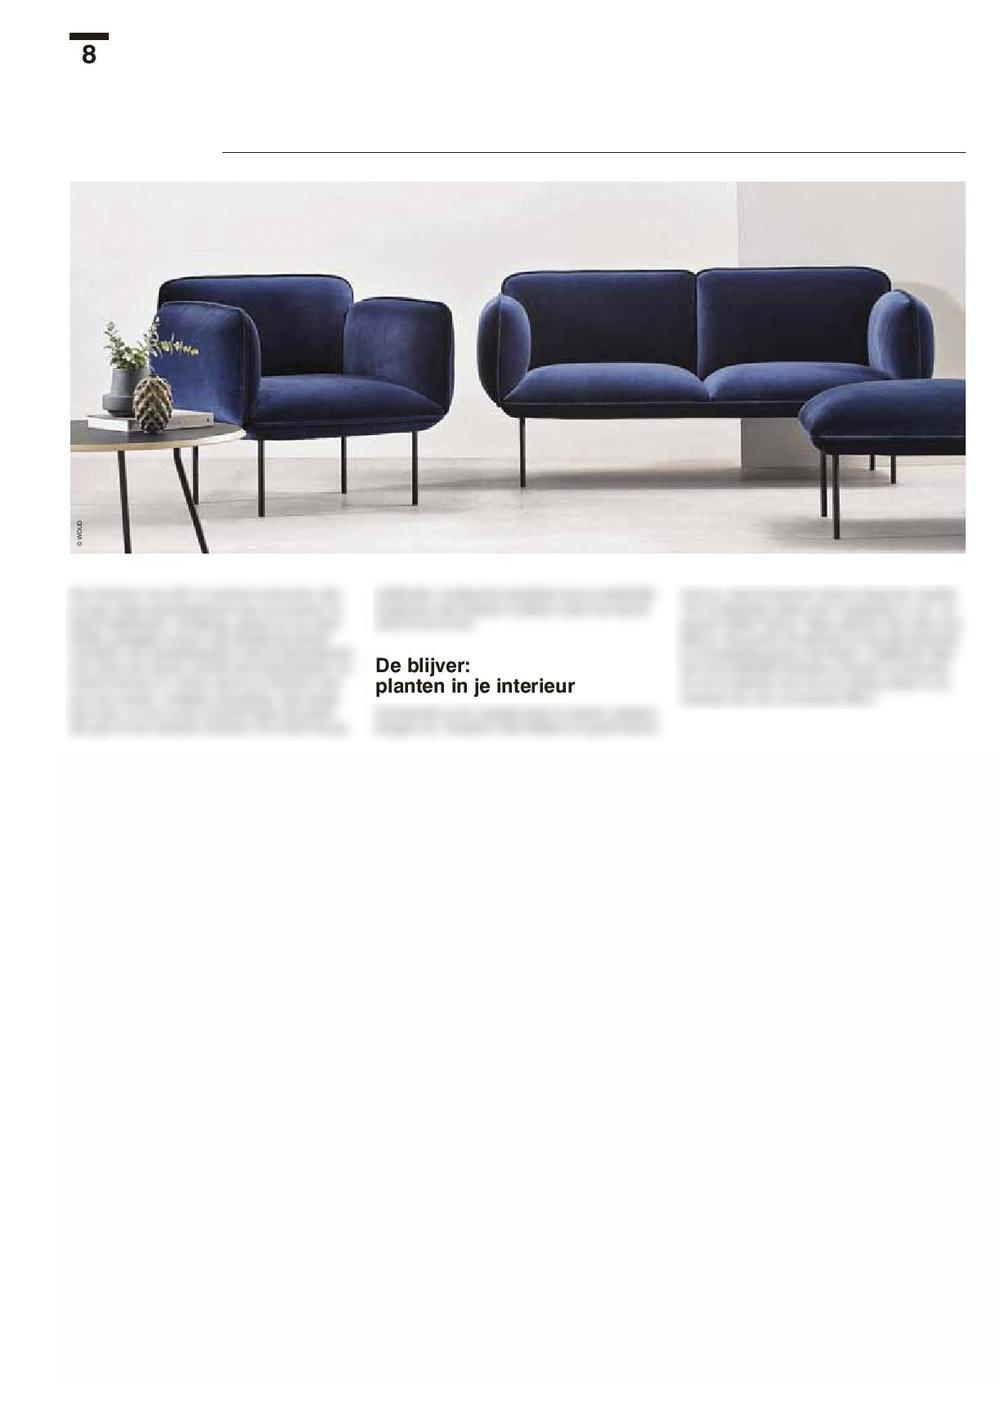 DEStandaard_Interieur-page-002.jpg